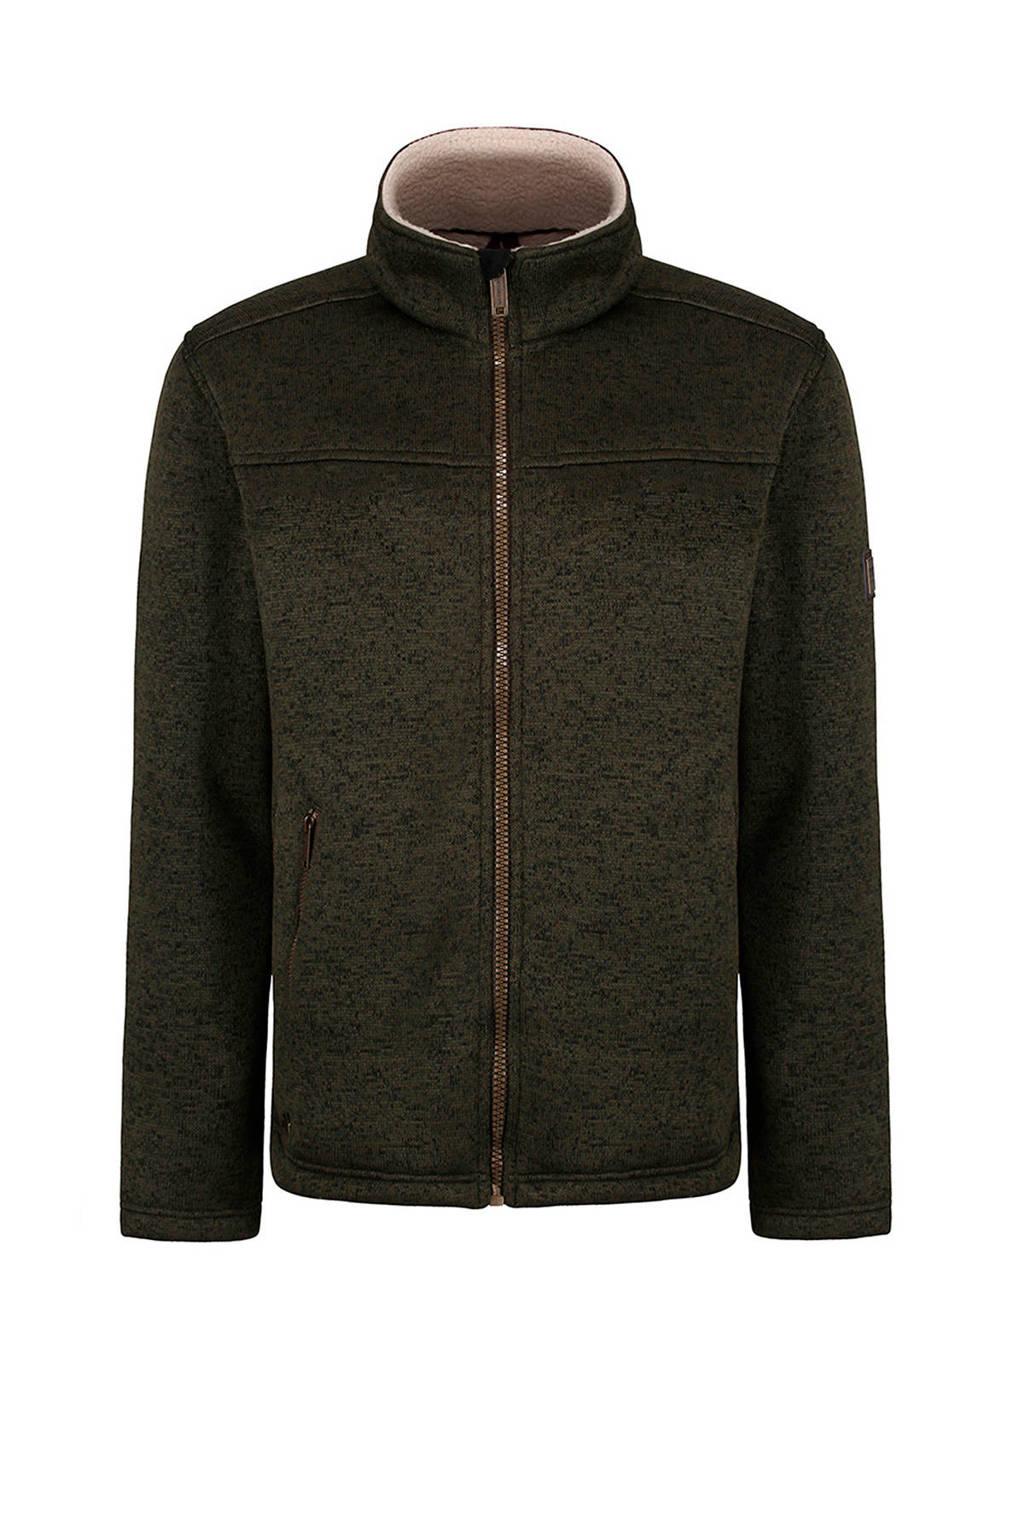 Regatta fleece vest Pagiel kaki, Dark khaki